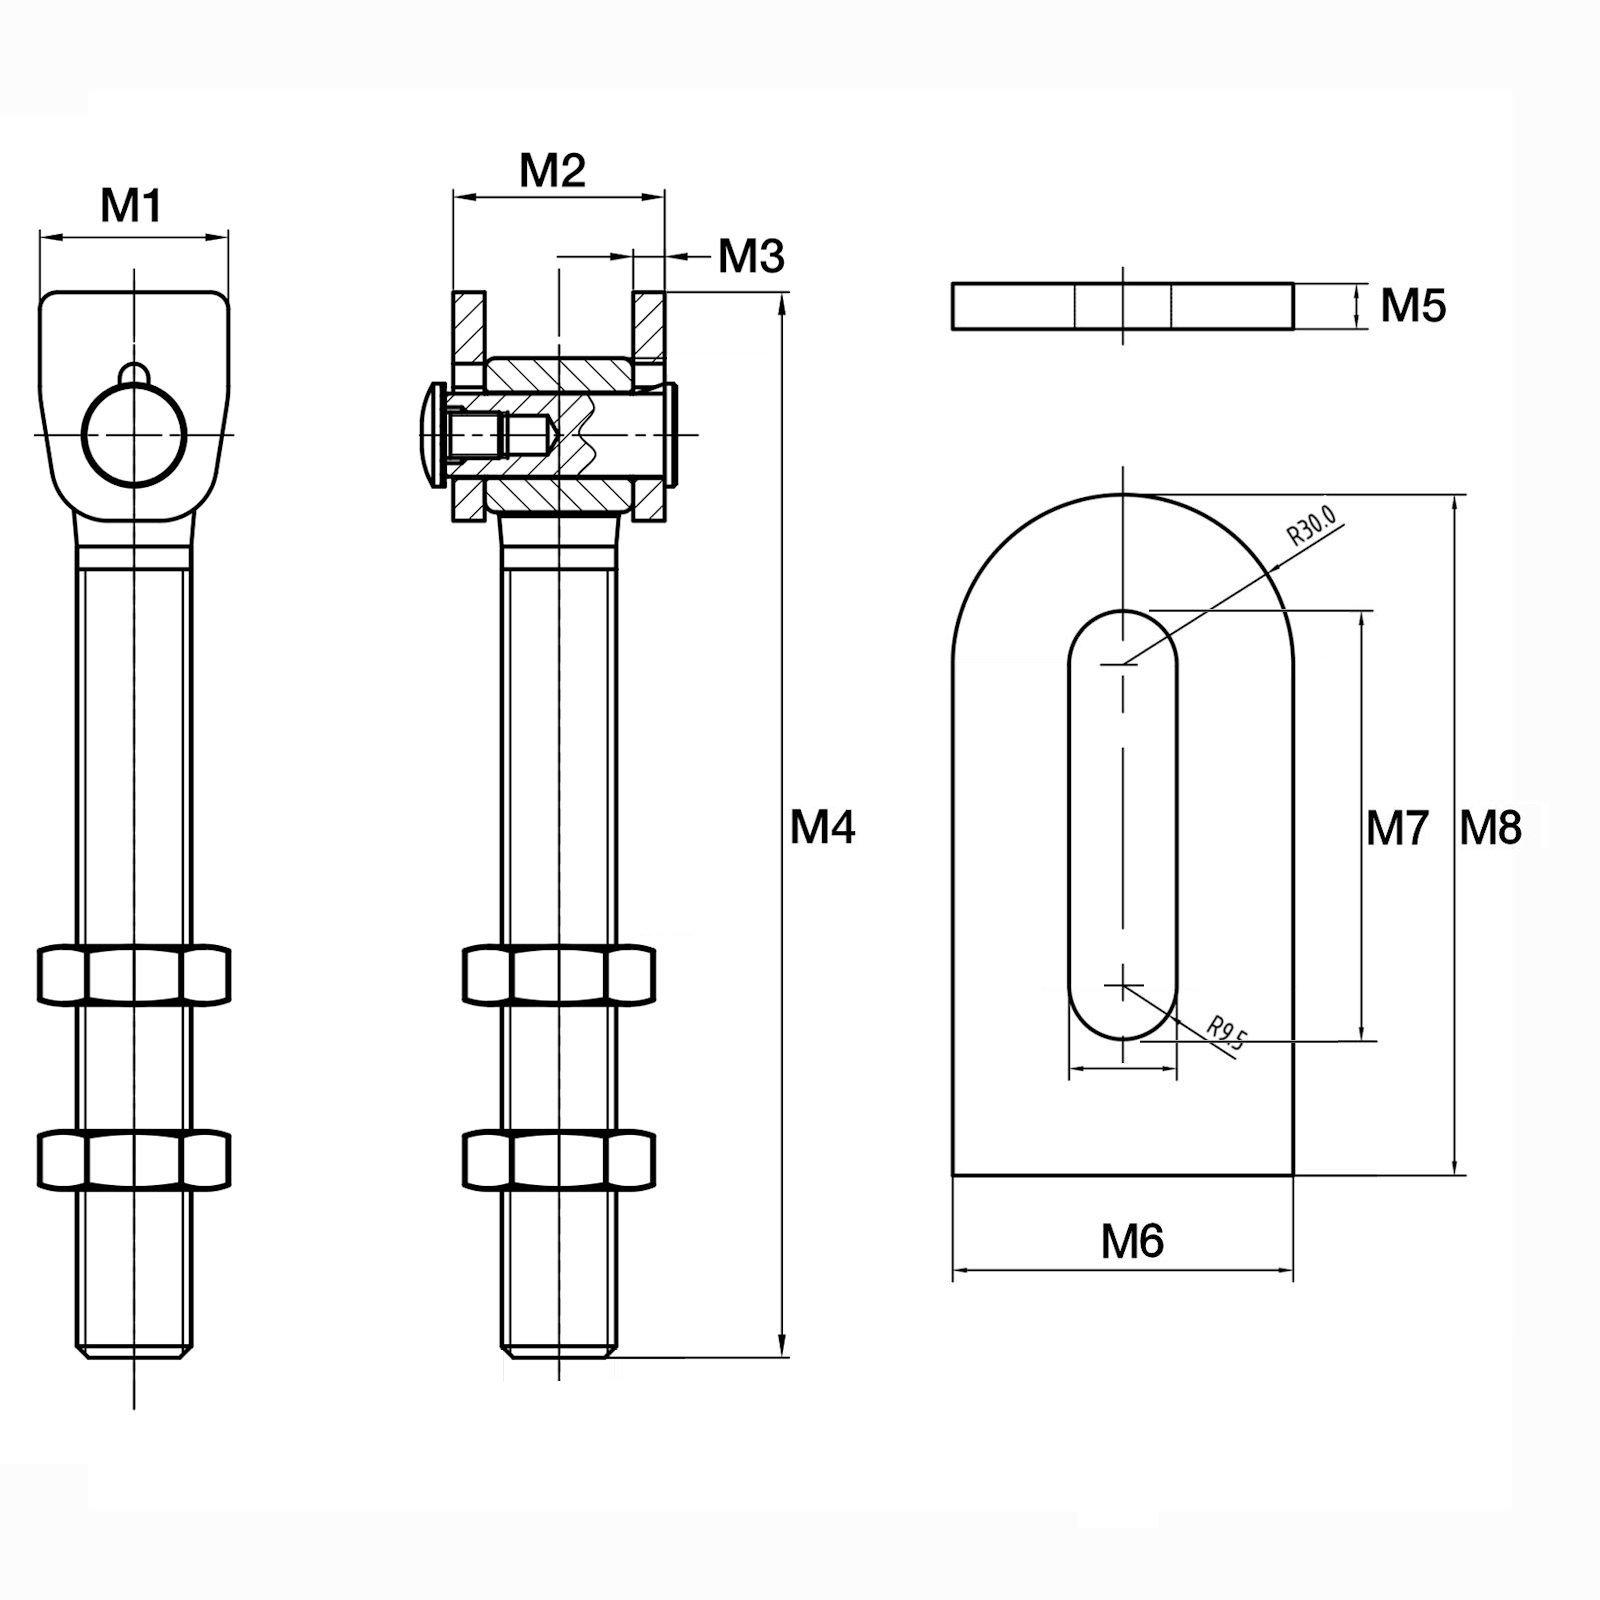 torangel verstellbar schlosskasten anschweißlasche konstruktionsband